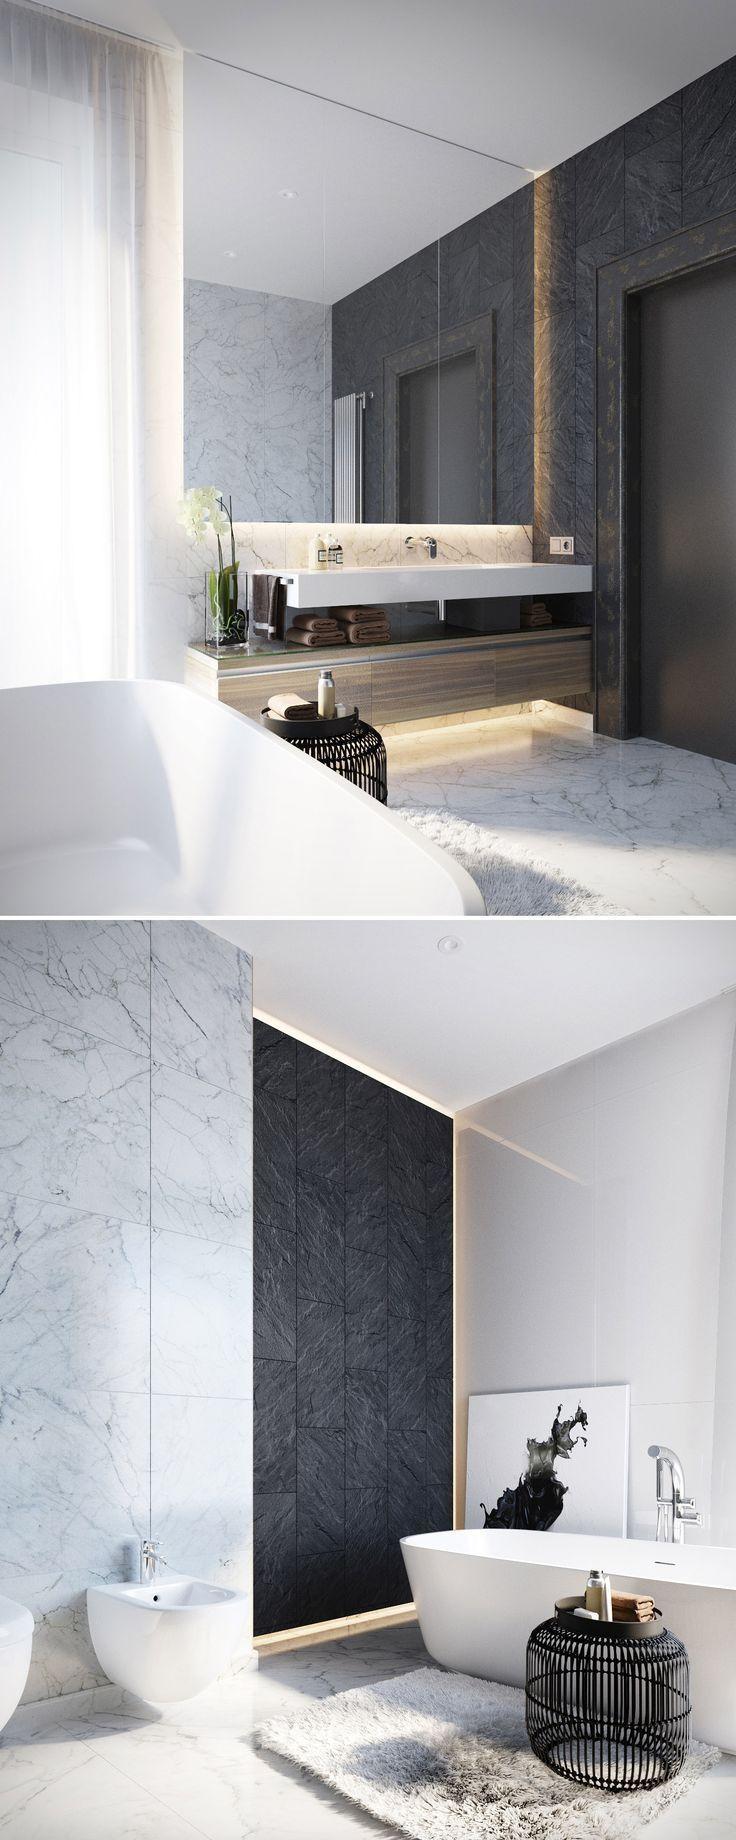 Badkamer: bad, verschillende kleuren en materialen (iets te wit/cool)